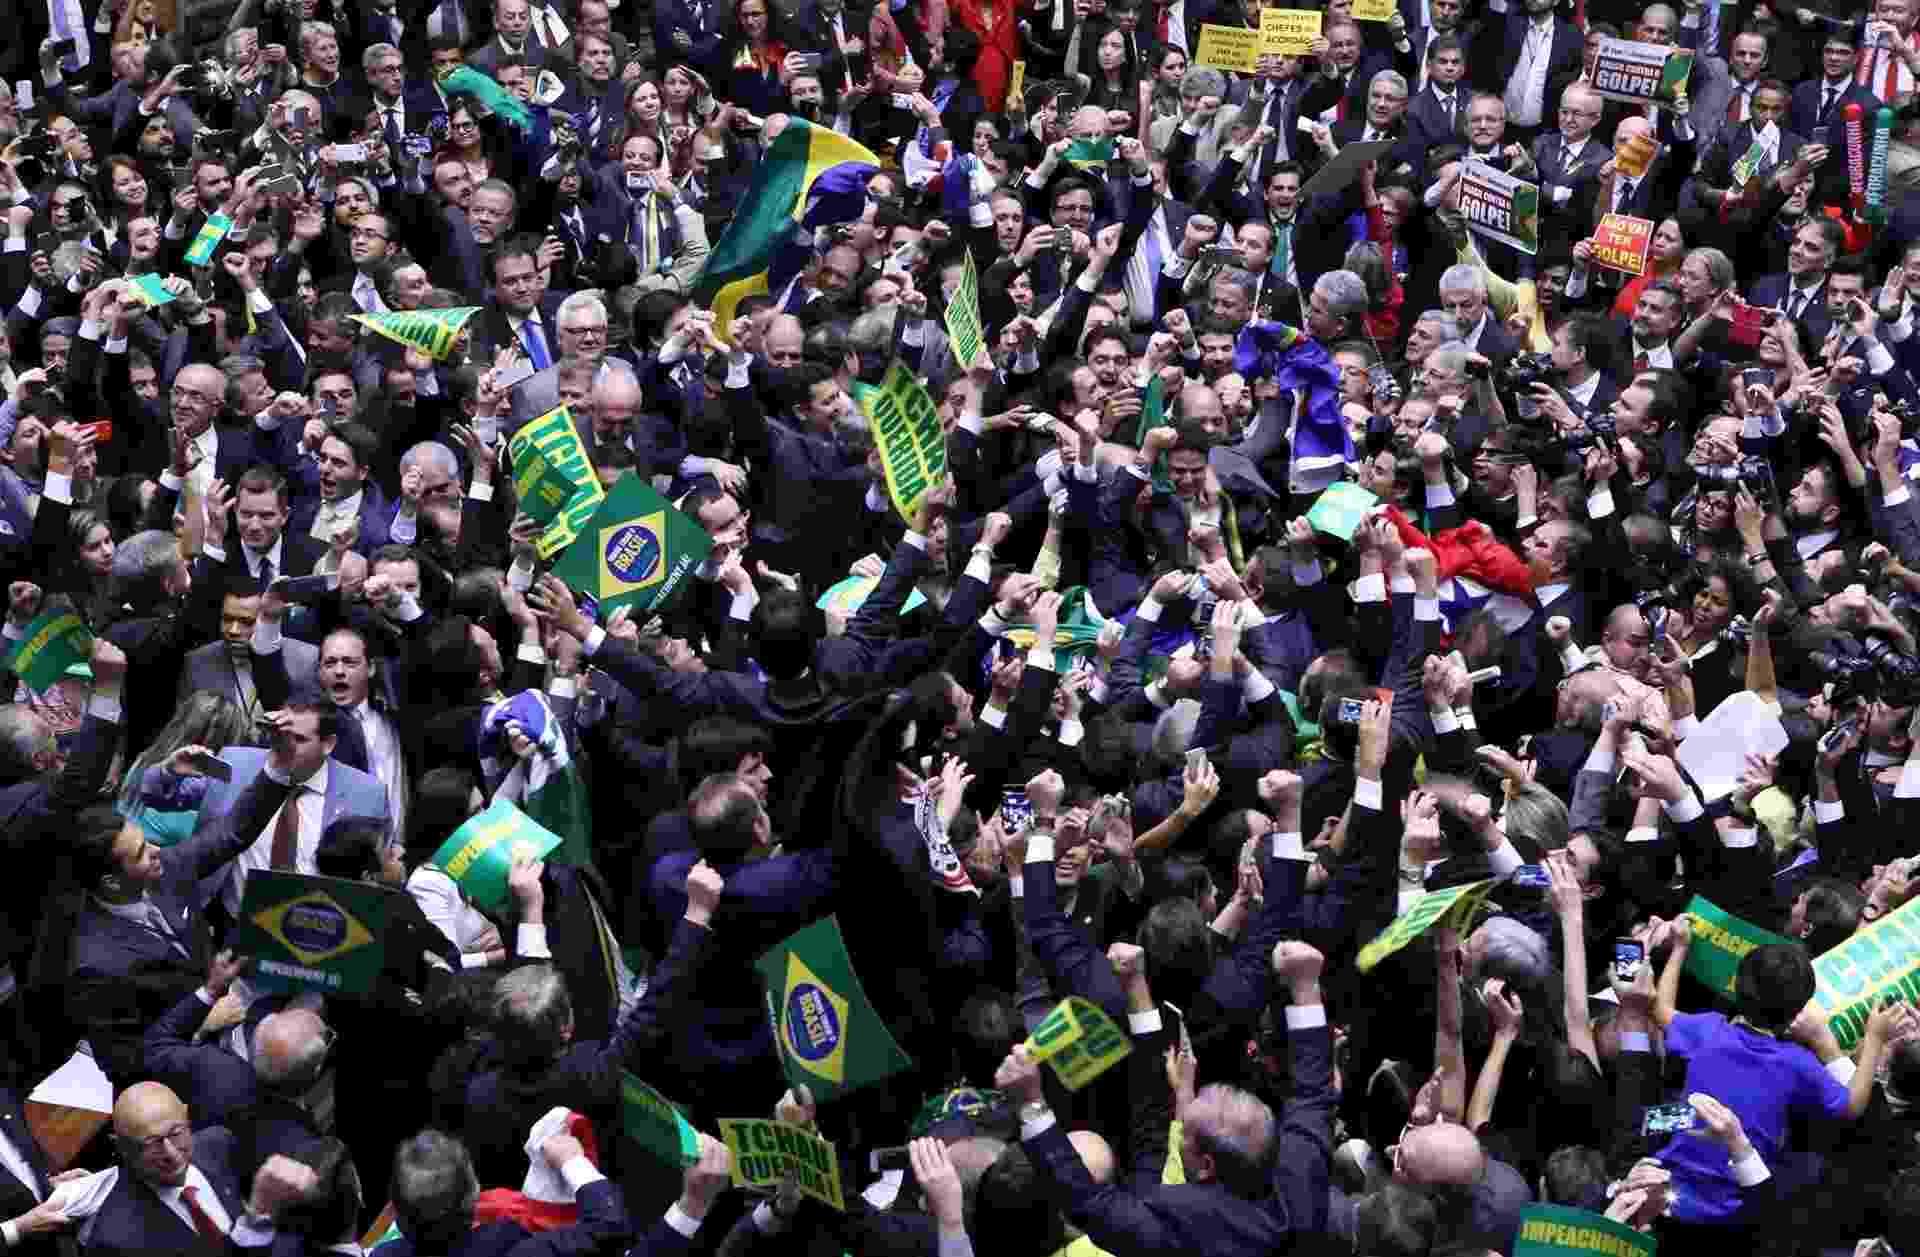 17.abr.2016 - Parlamentares contrários ao governo de Dilma Rousseff (PT) gritam e fazem festa na Câmara com a aprovação da continuidade do impeachment da presidente Dilma (PT). A ação agora segue para o Senado julgar - Antonio Augusto/Câmara dos Deputados